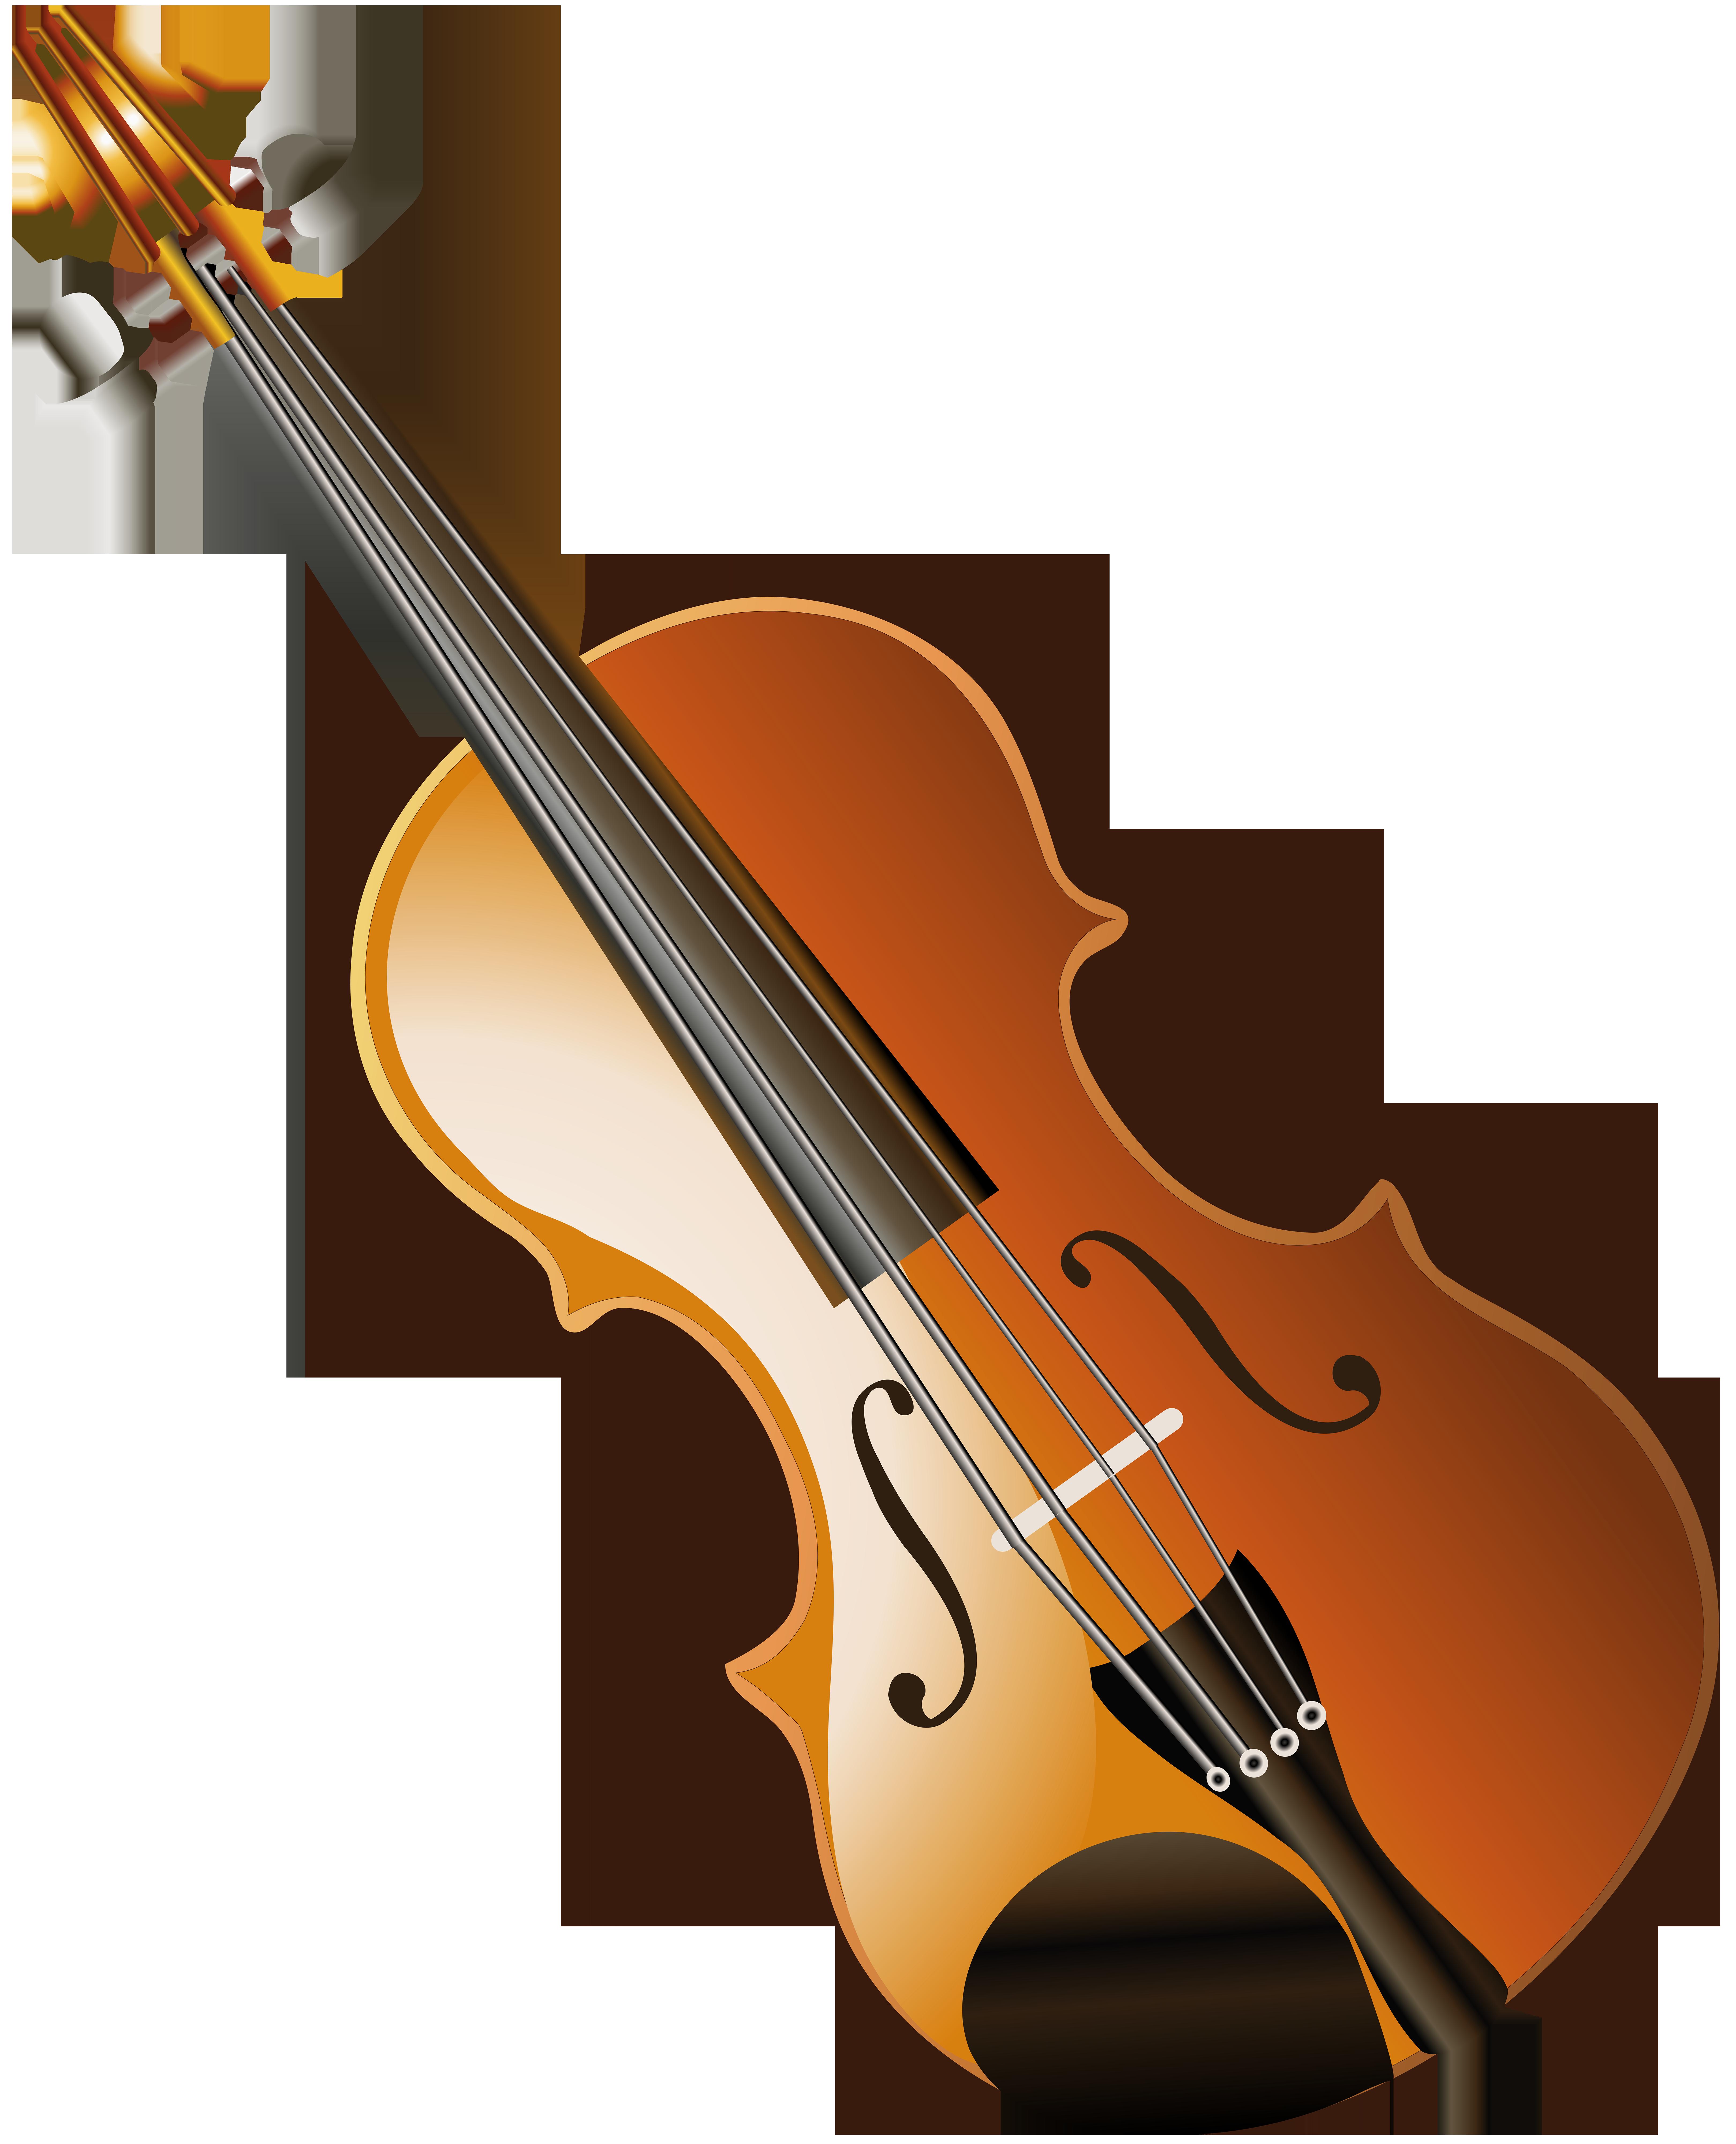 Instruments clipart viola. Violin transparent clip art